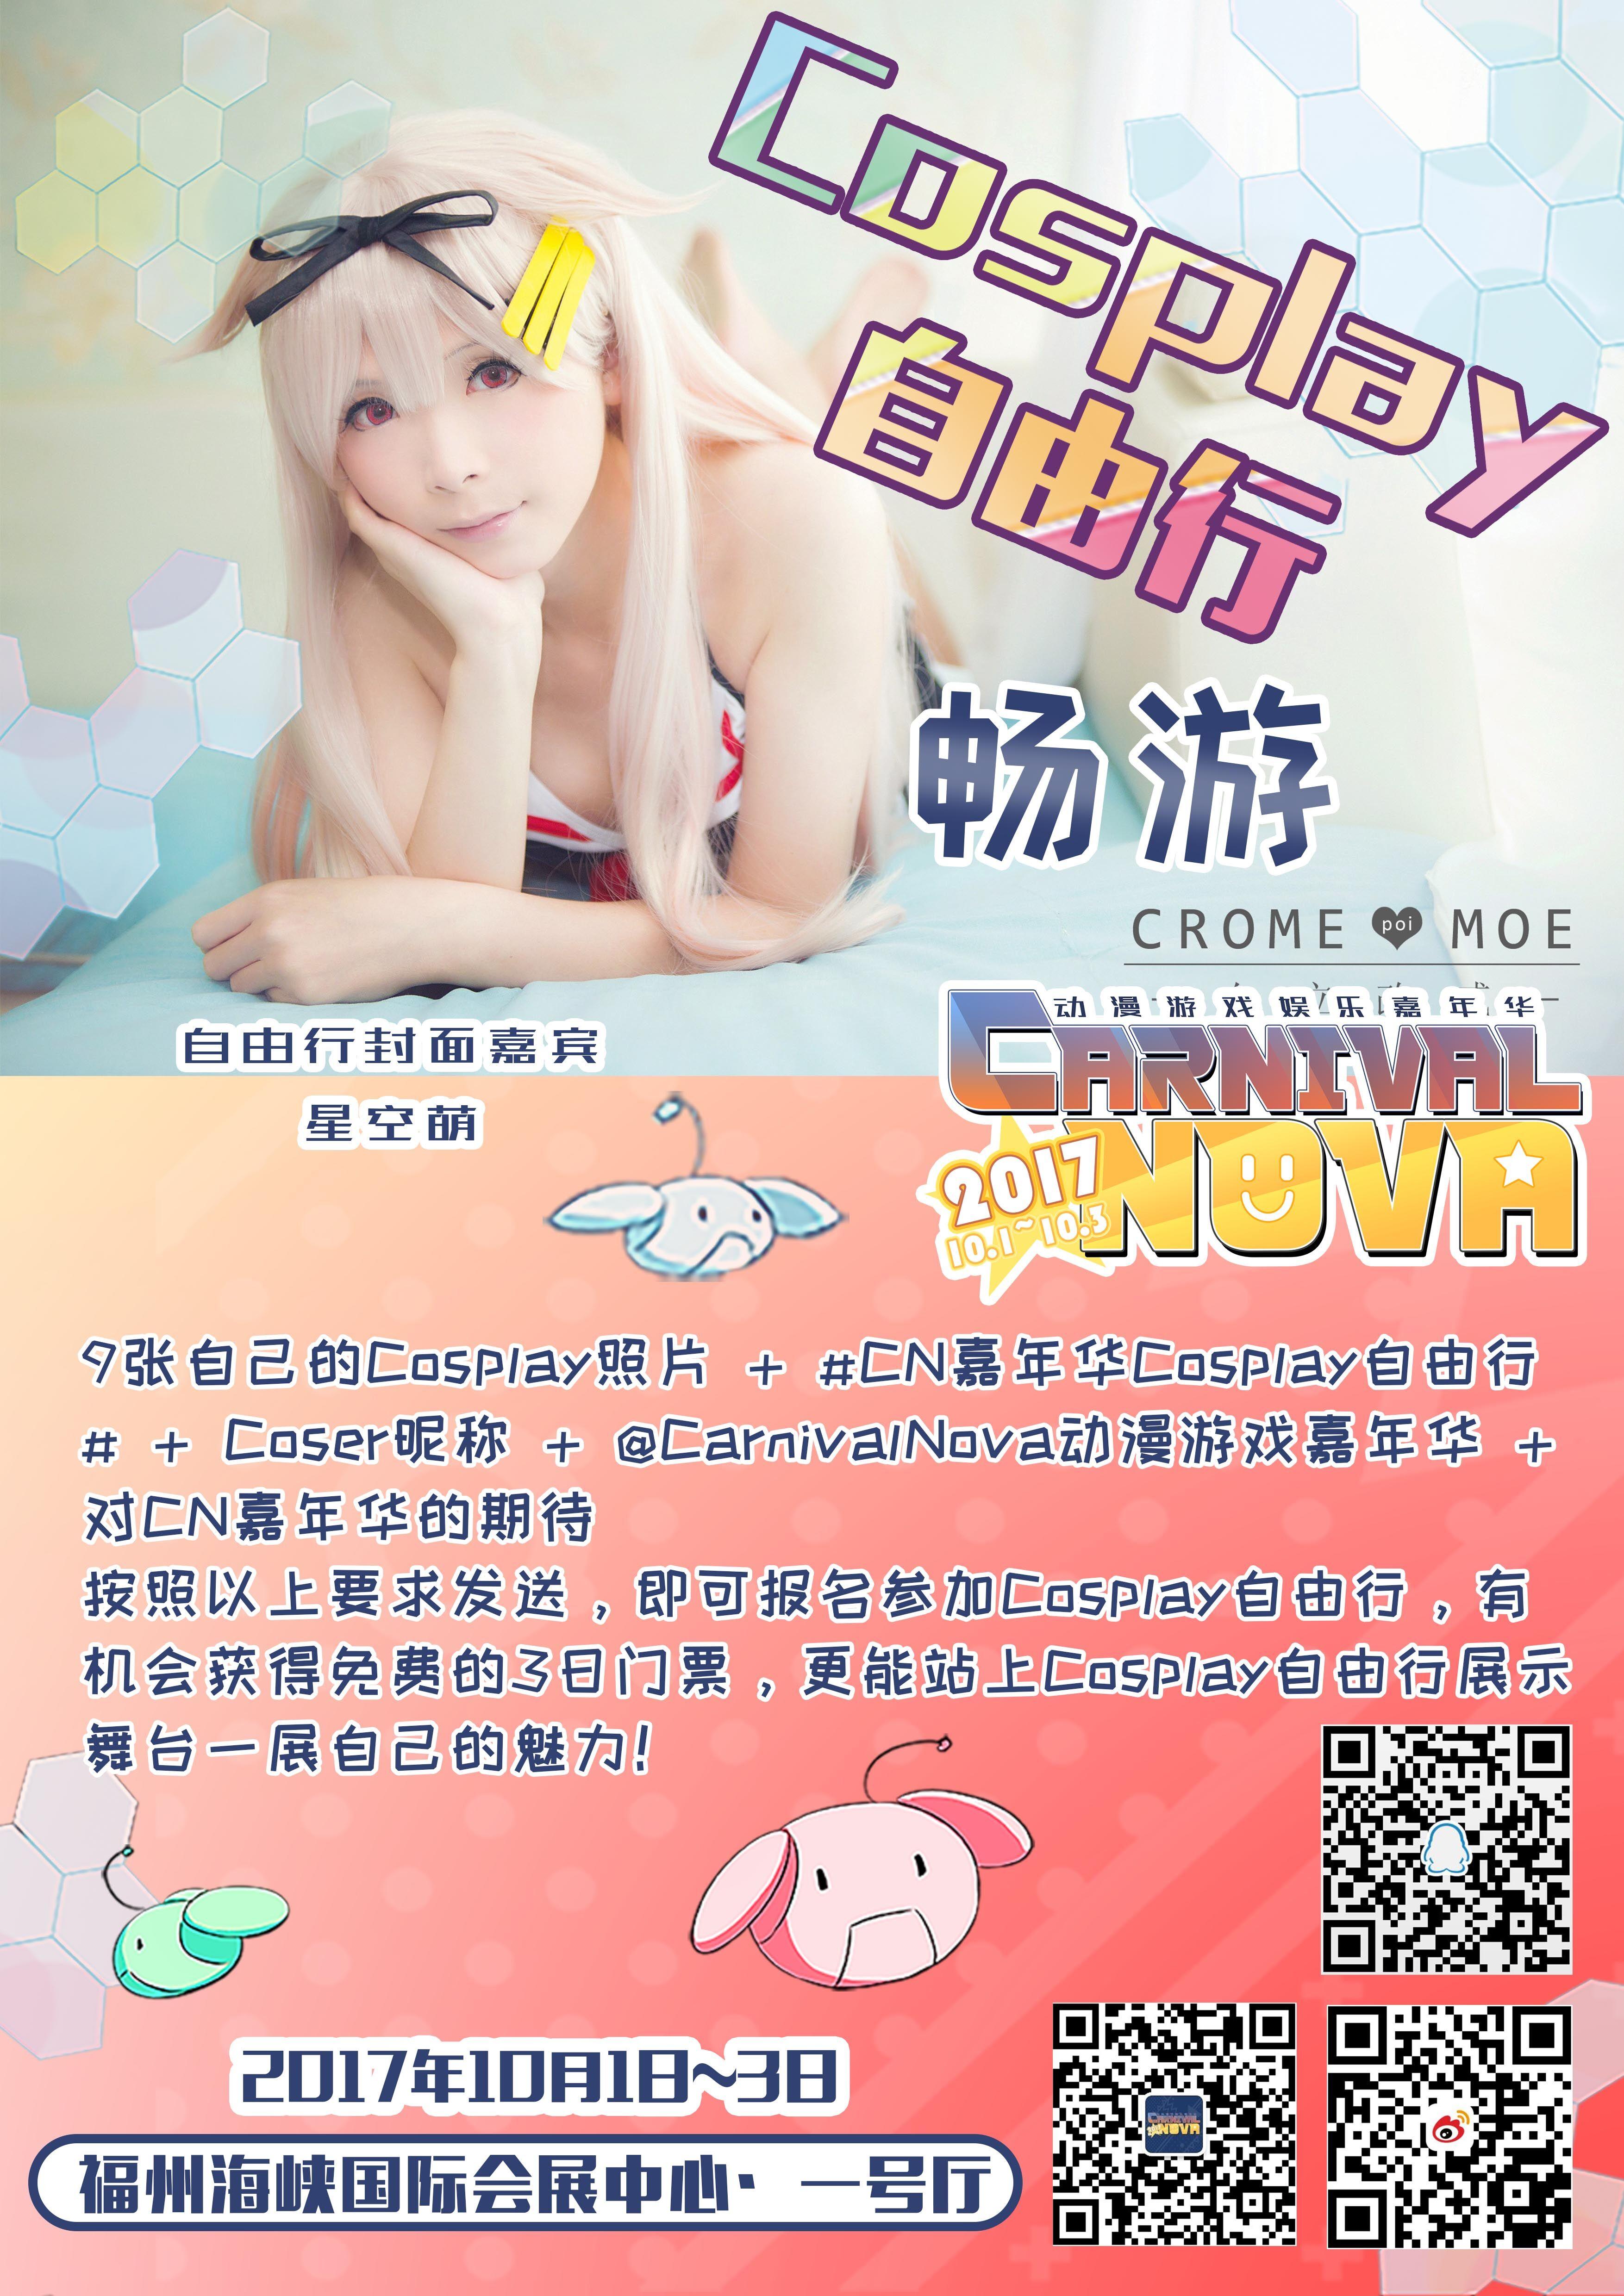 【福州】五大嘉宾领衔 福州国庆海峡漫展豪华阵容公布-ANICOGA